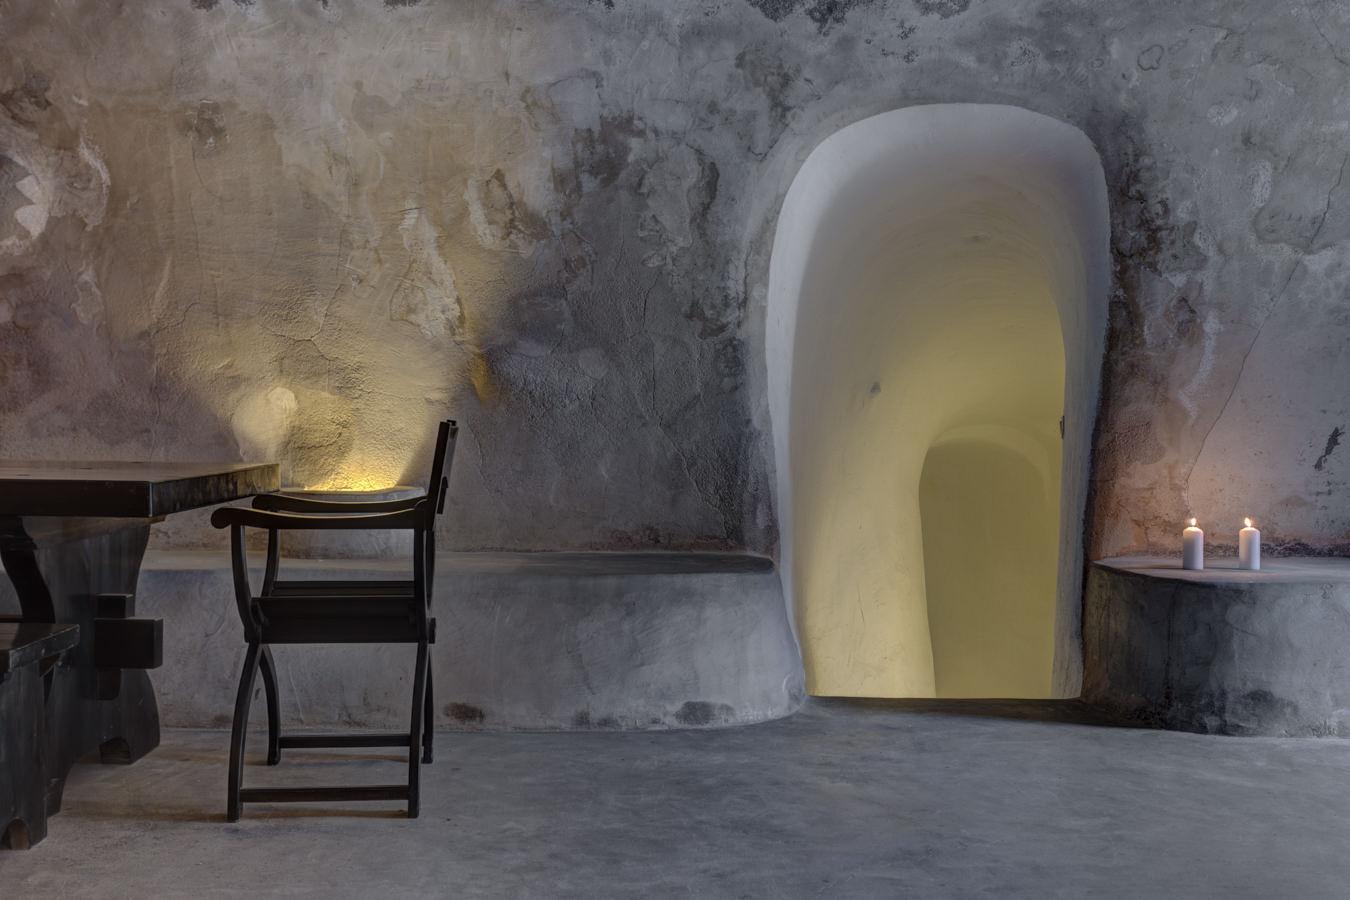 ALATI & KANAVA, Γιώργος Φάκαρος - Αρχιτεκτονική Φωτογραφία | Εσωτερικοί Χώροι | Φωτογραφία Ξενοδοχειών - Photography / Φωτογραφία